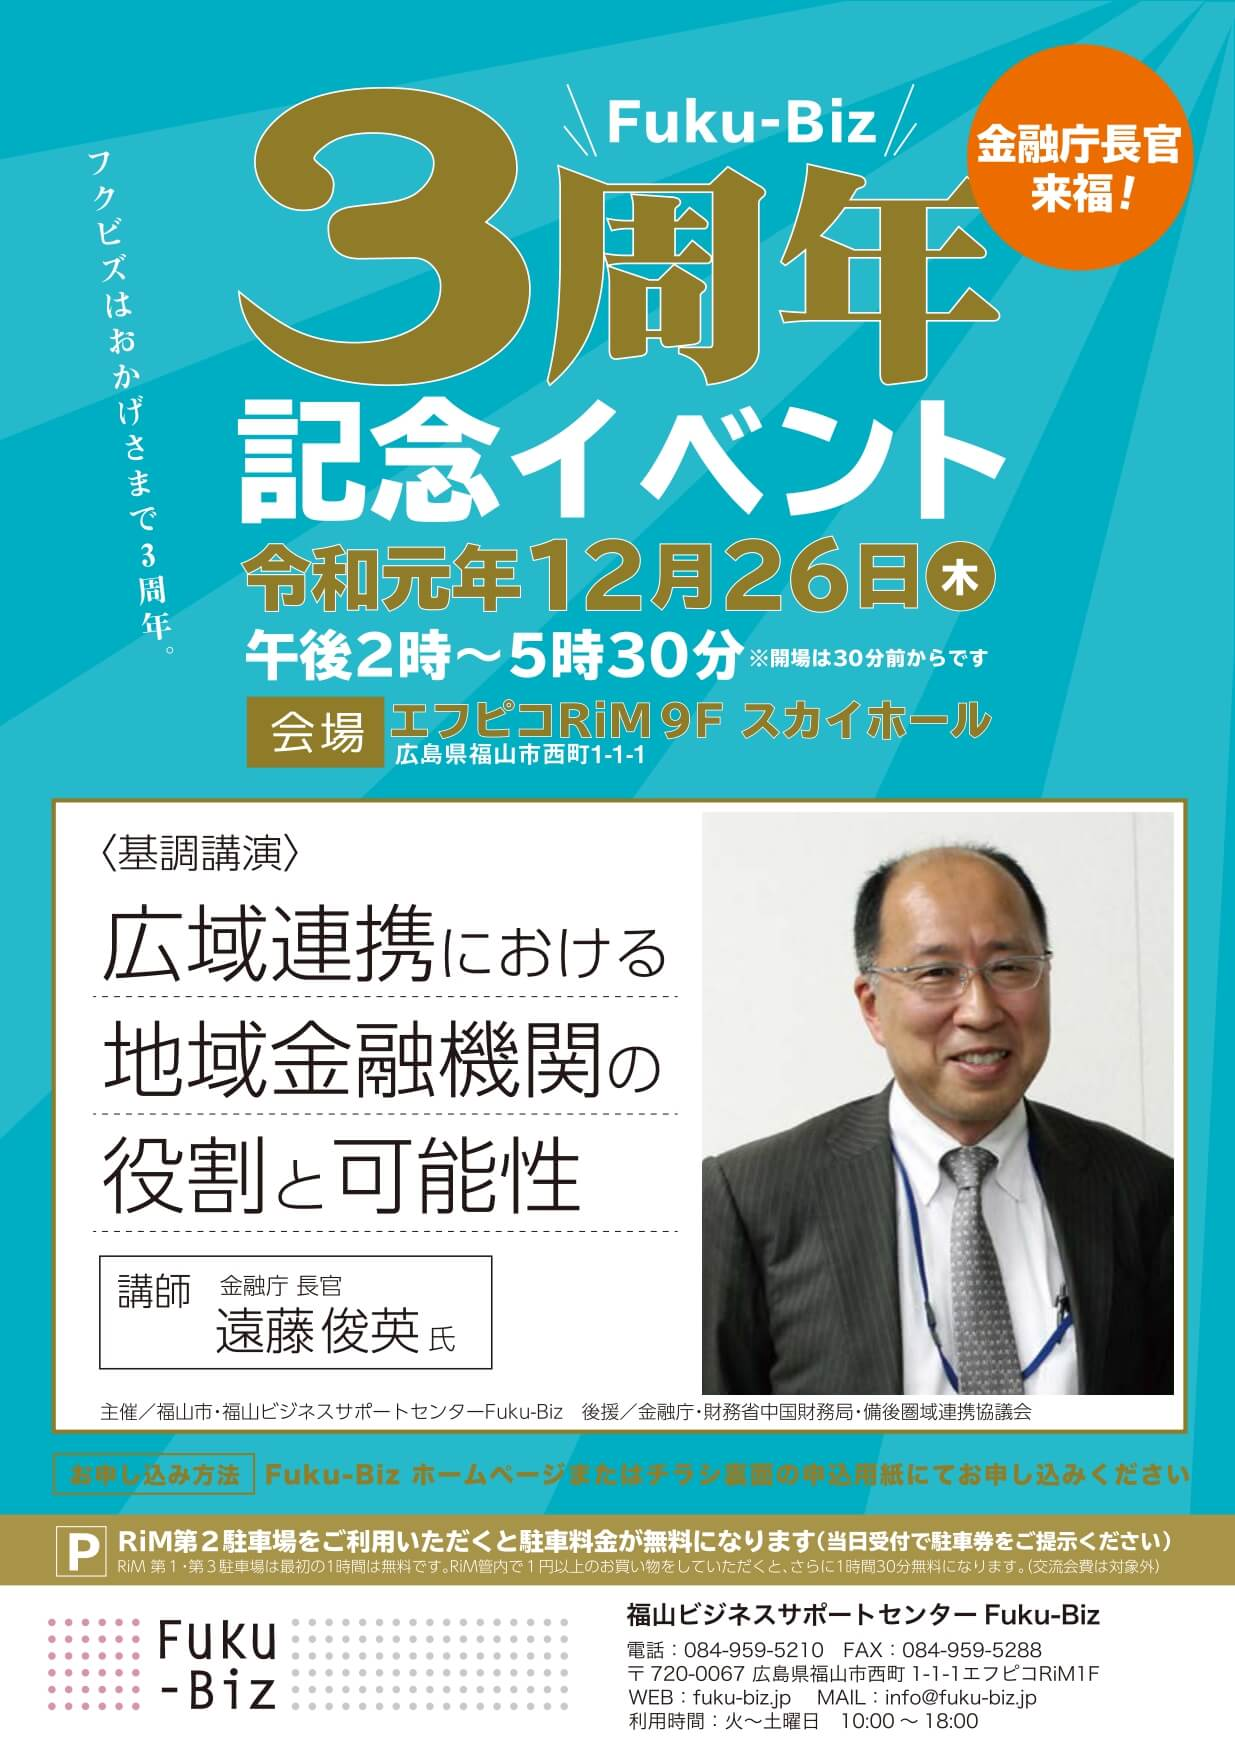 Fuku-Biz3周年記念イベントを開催します!